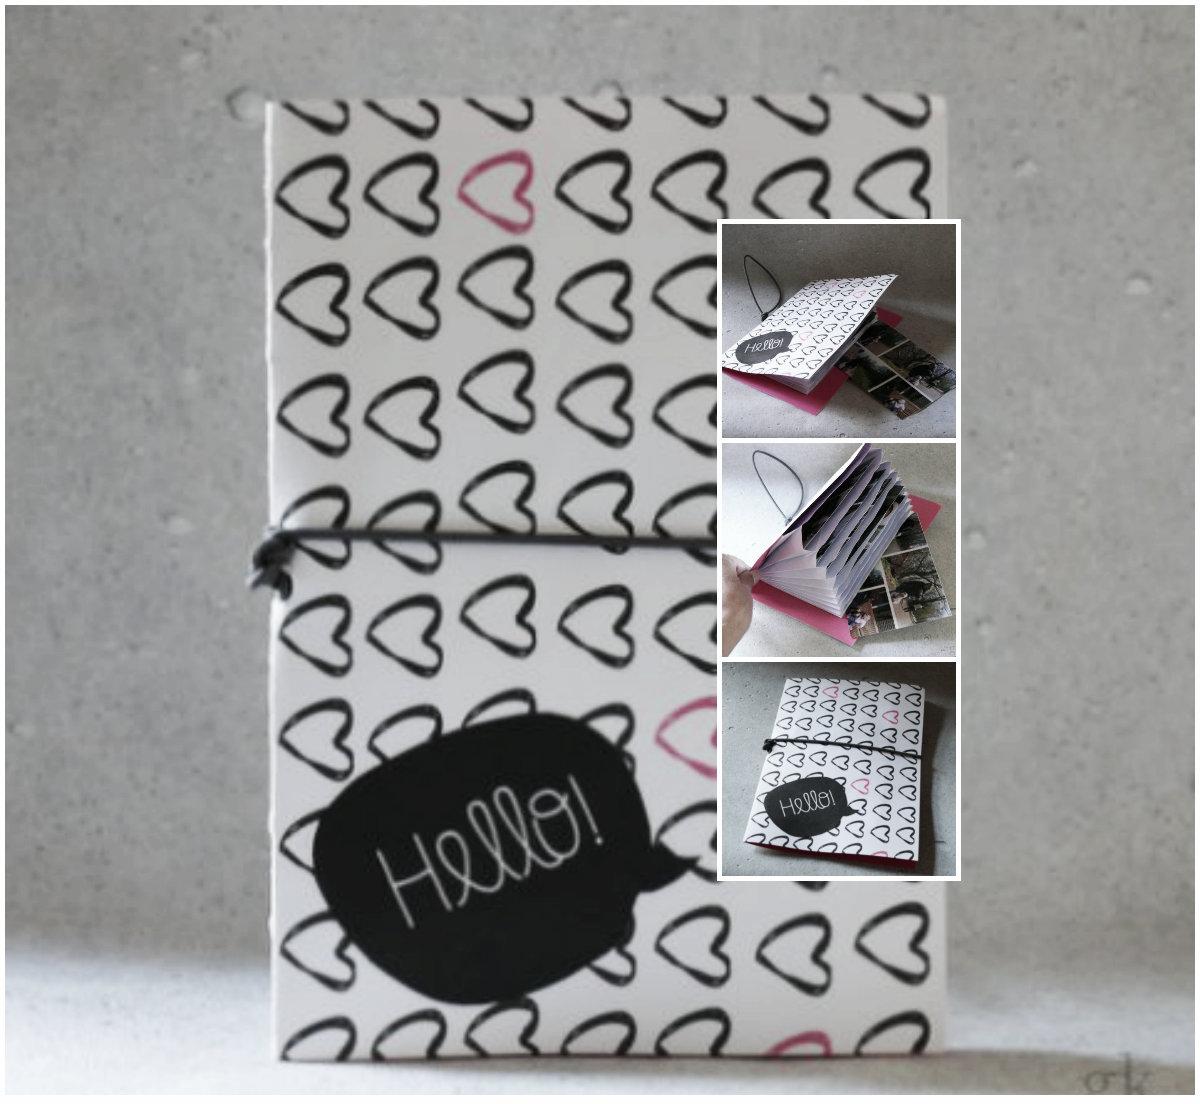 gk kreativ basteln werken. Black Bedroom Furniture Sets. Home Design Ideas